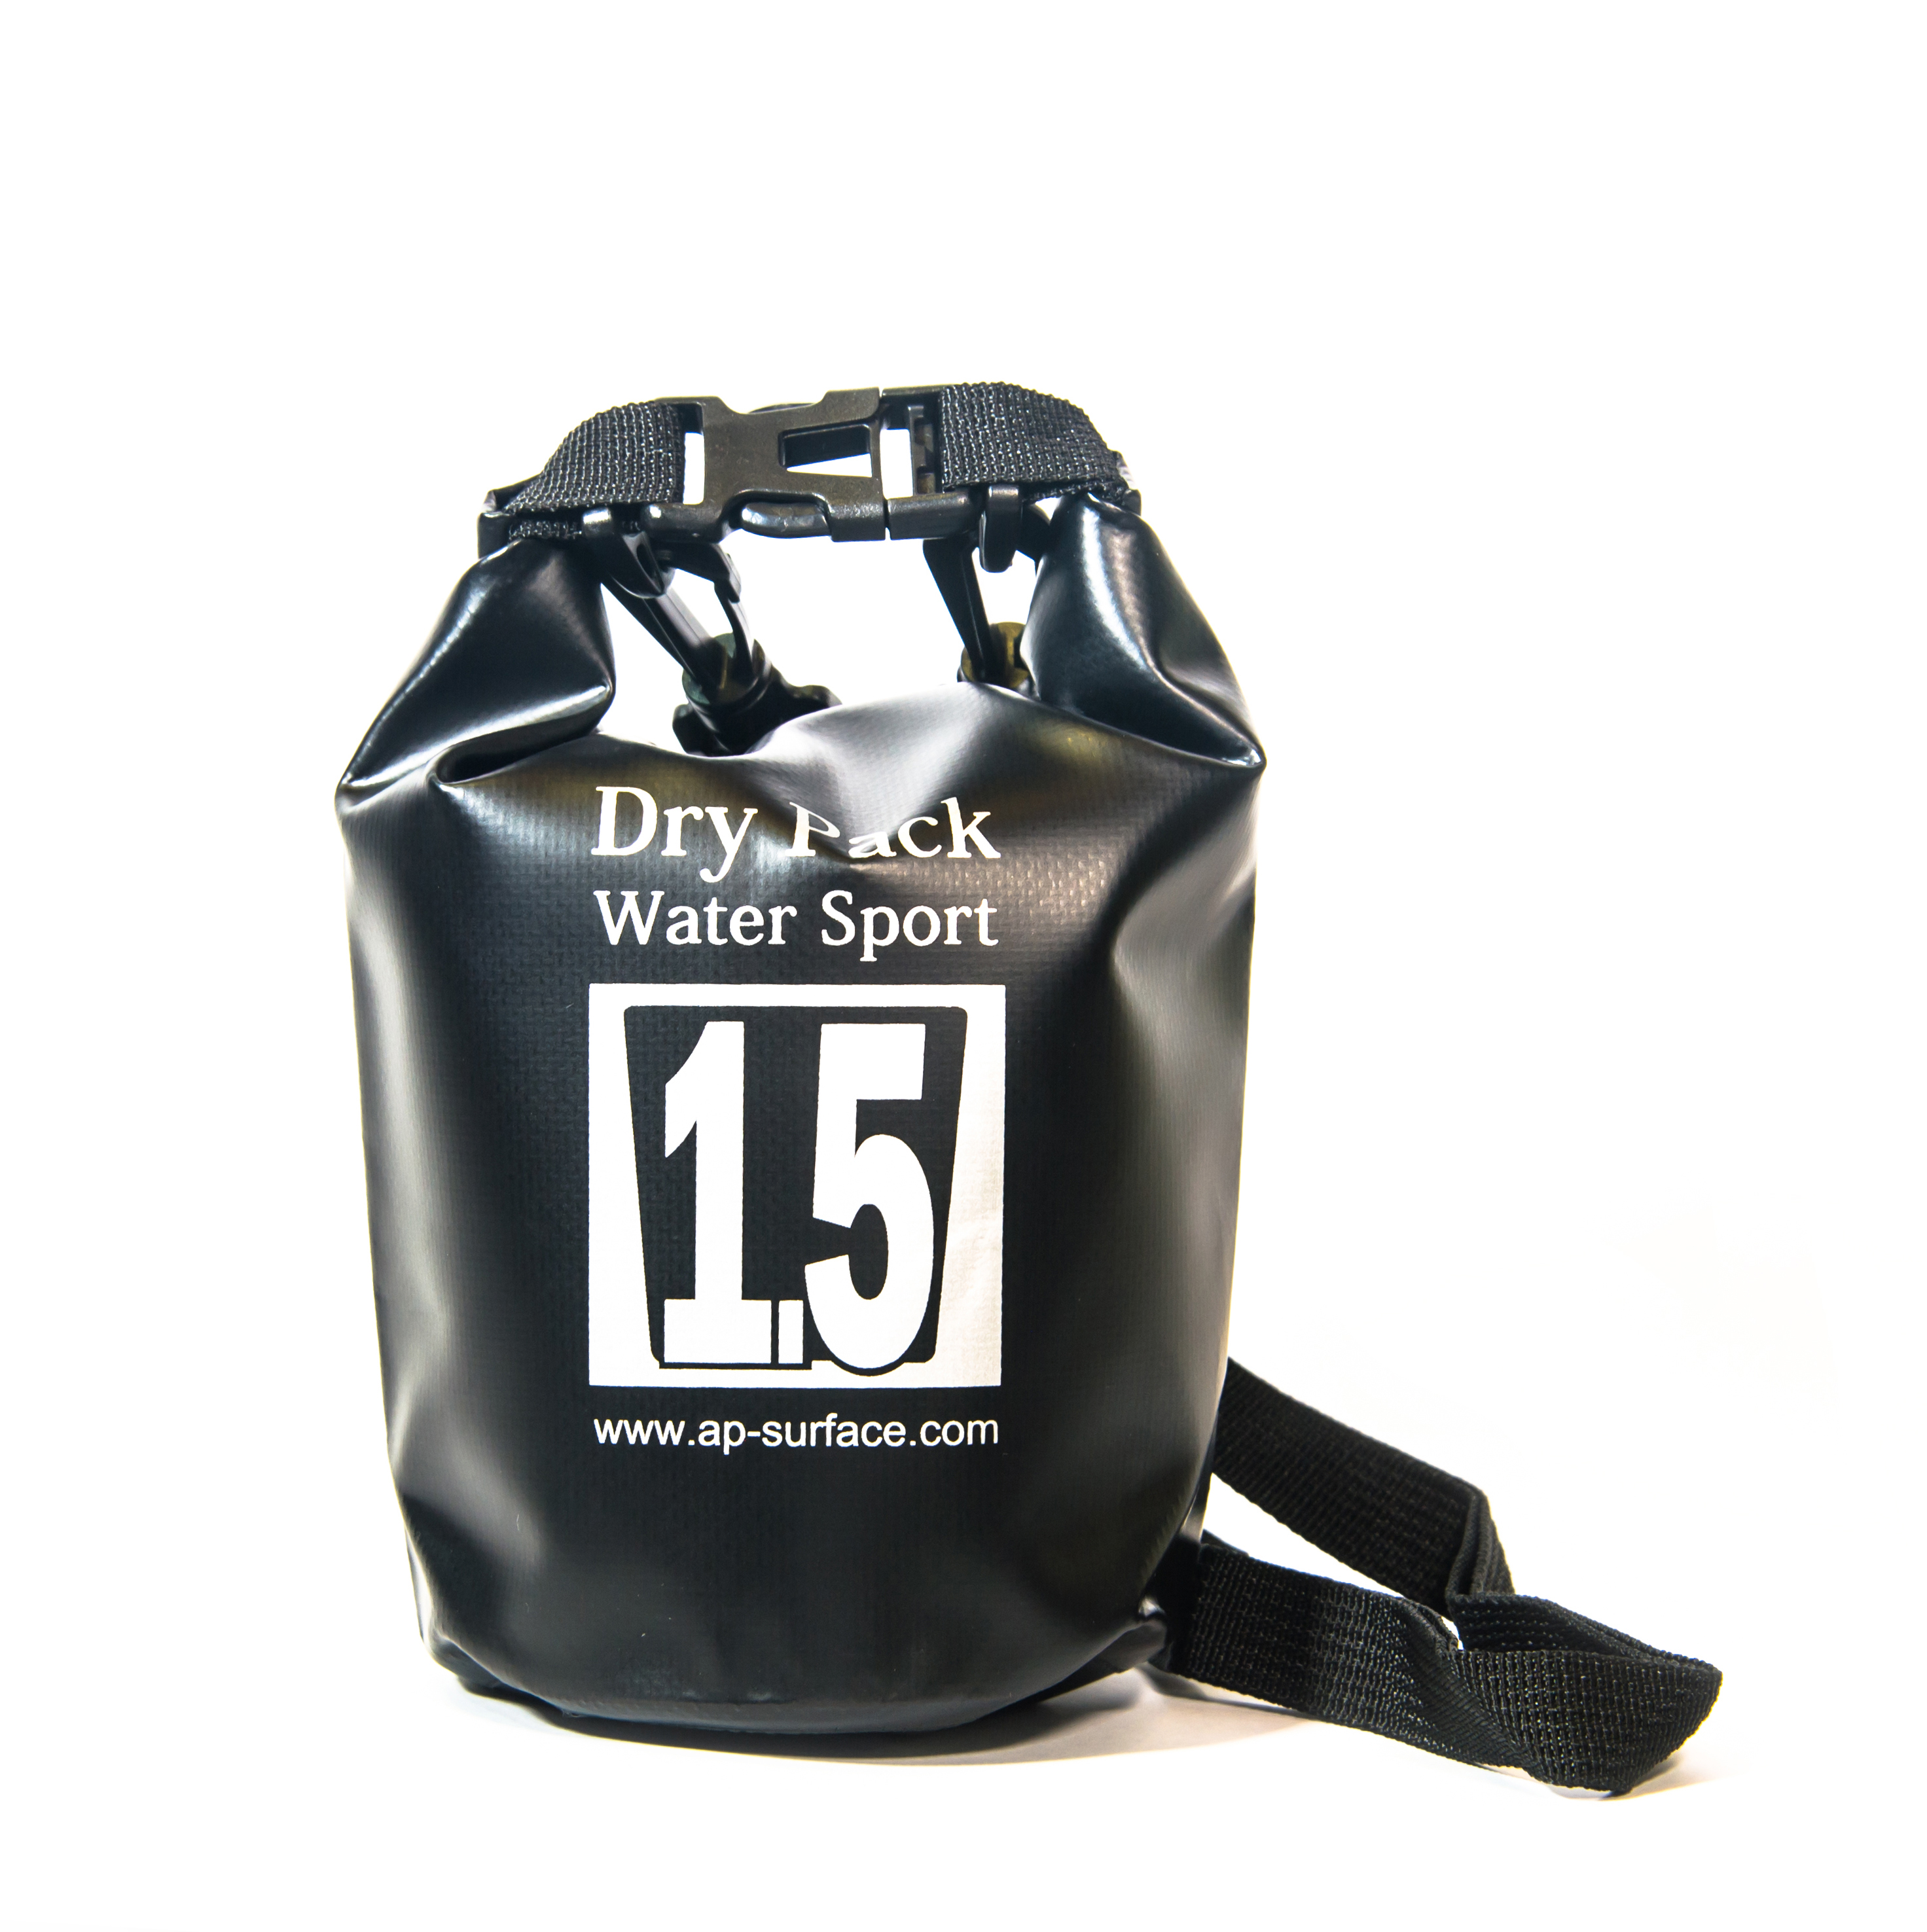 กระเป๋ากันน้ำ Dry pack 1.5L- สีดำ